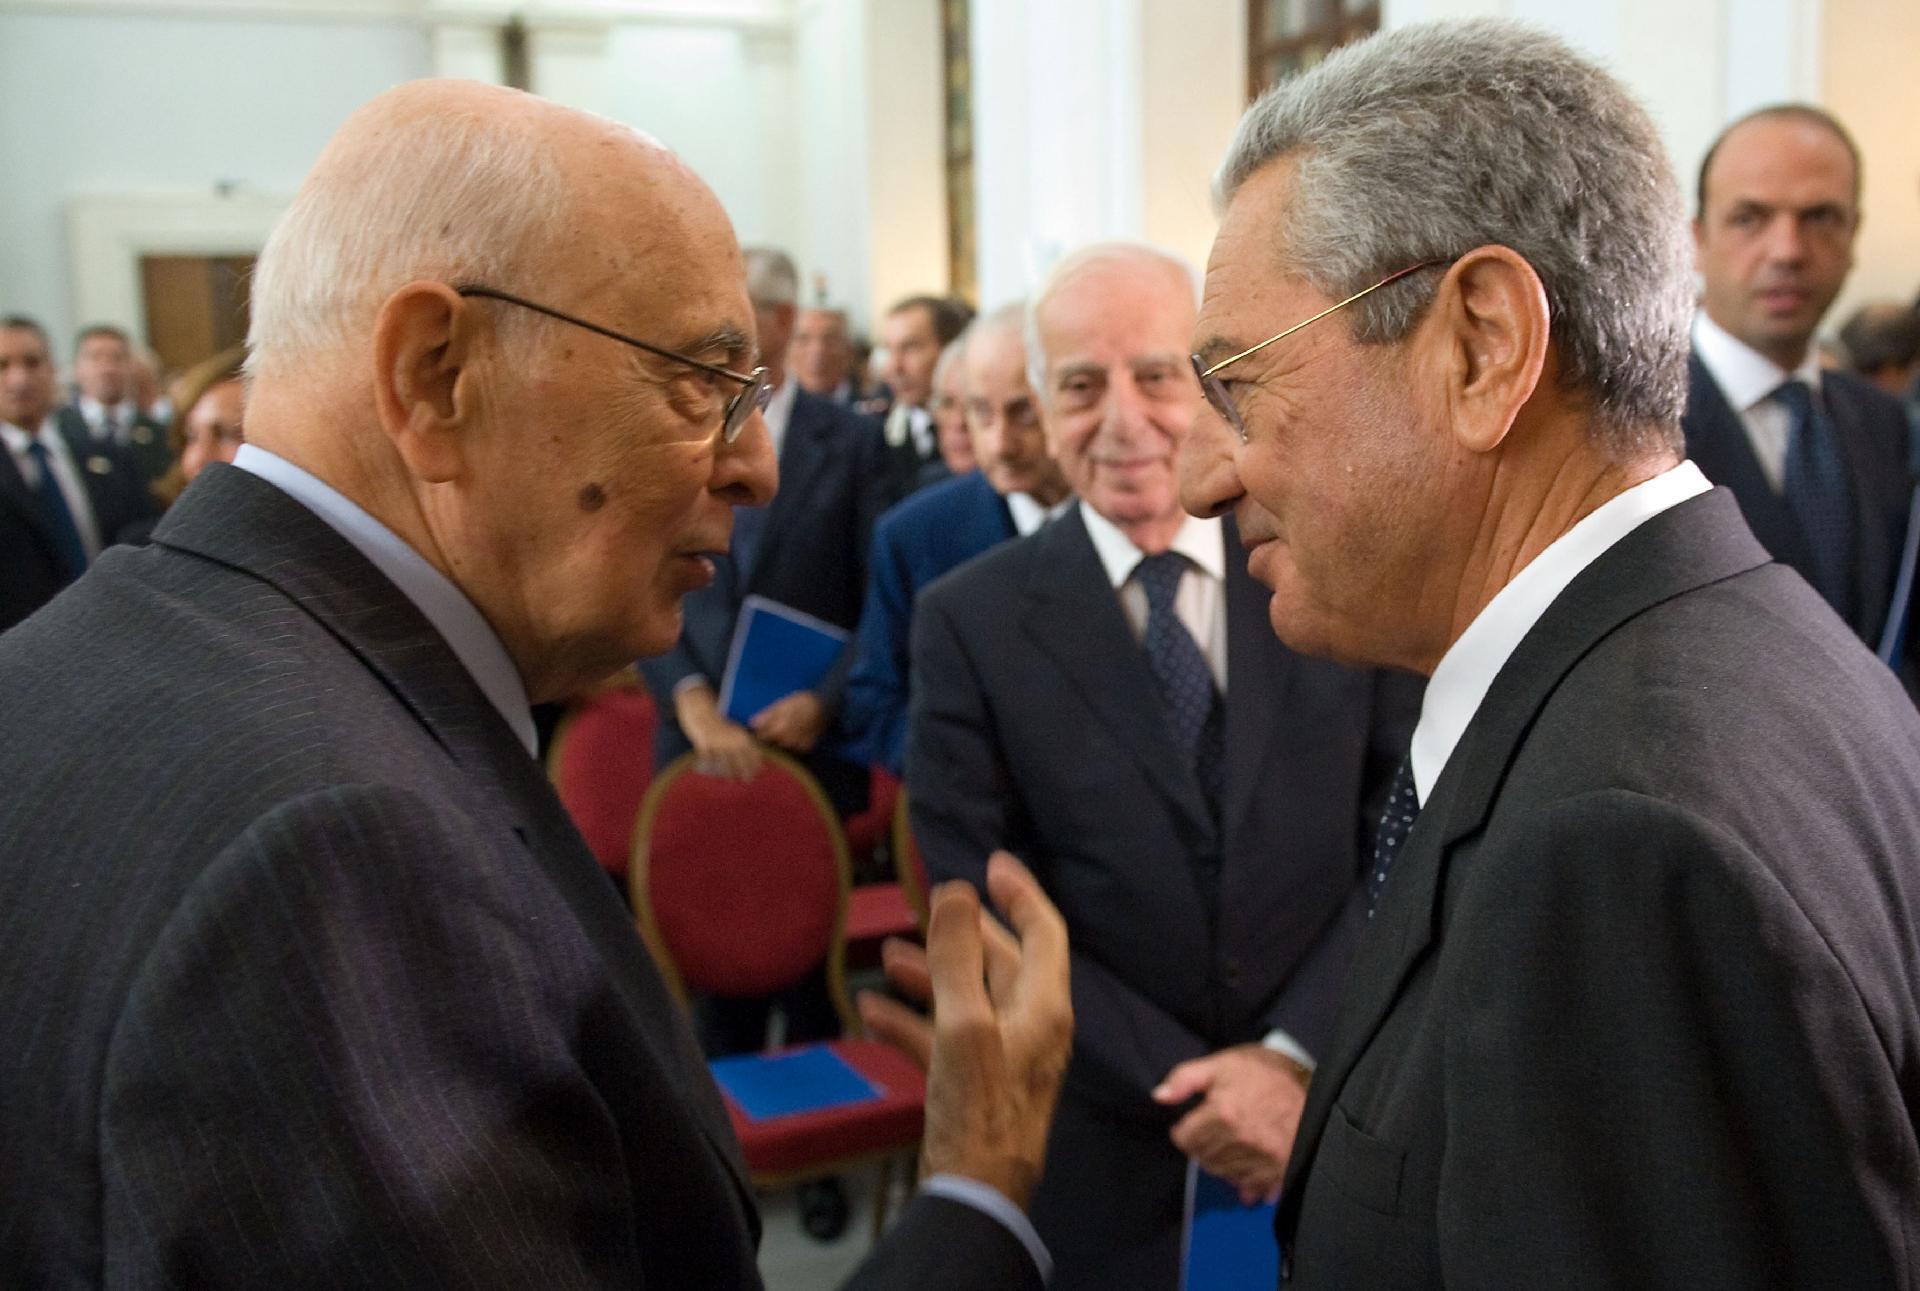 Il Presidente Giorgio Napolitano con l'Avvocato Generale dello Stato, Ignazio Francesco Caramazza